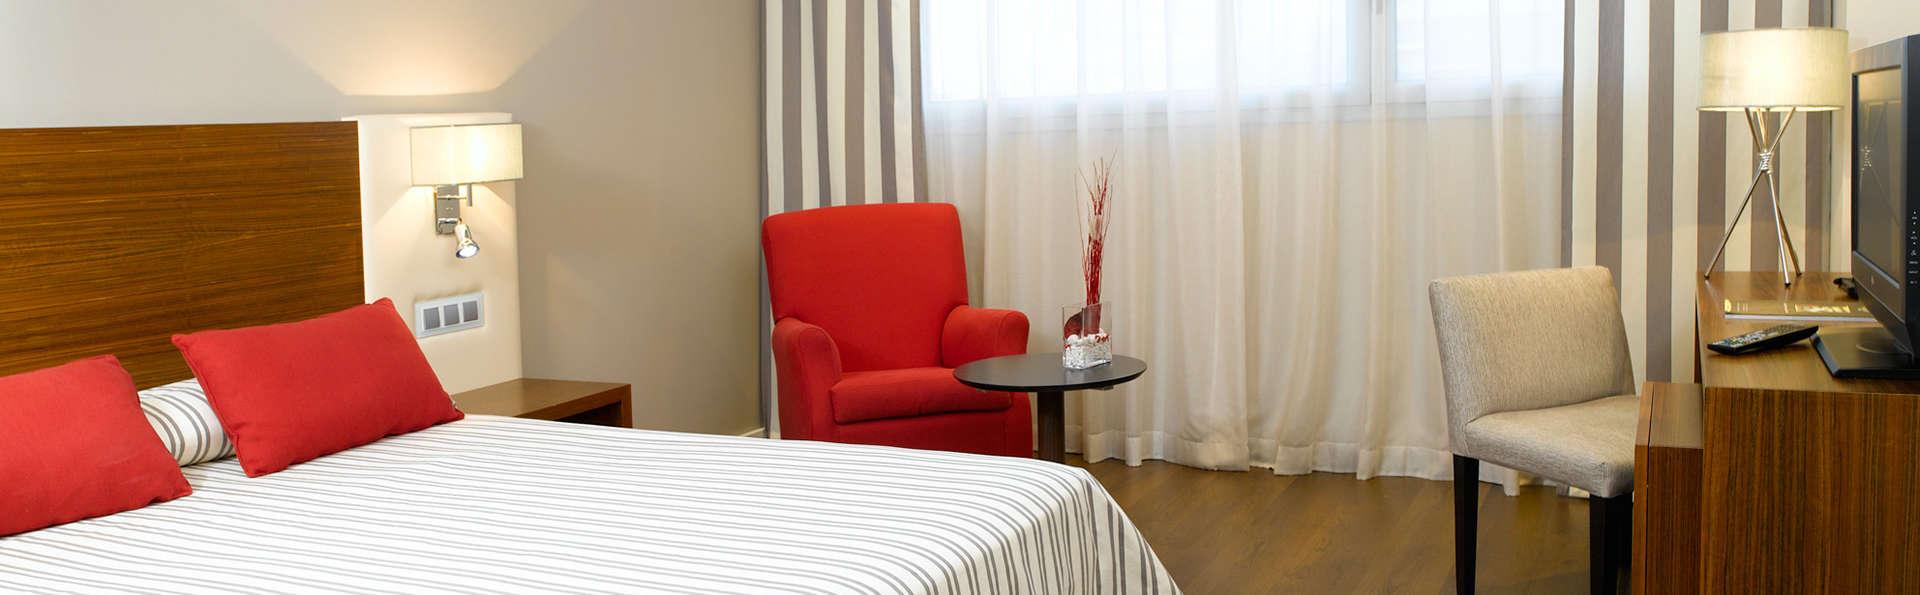 Escapada en habitación superior con detalles románticos y salida tardía garantizada